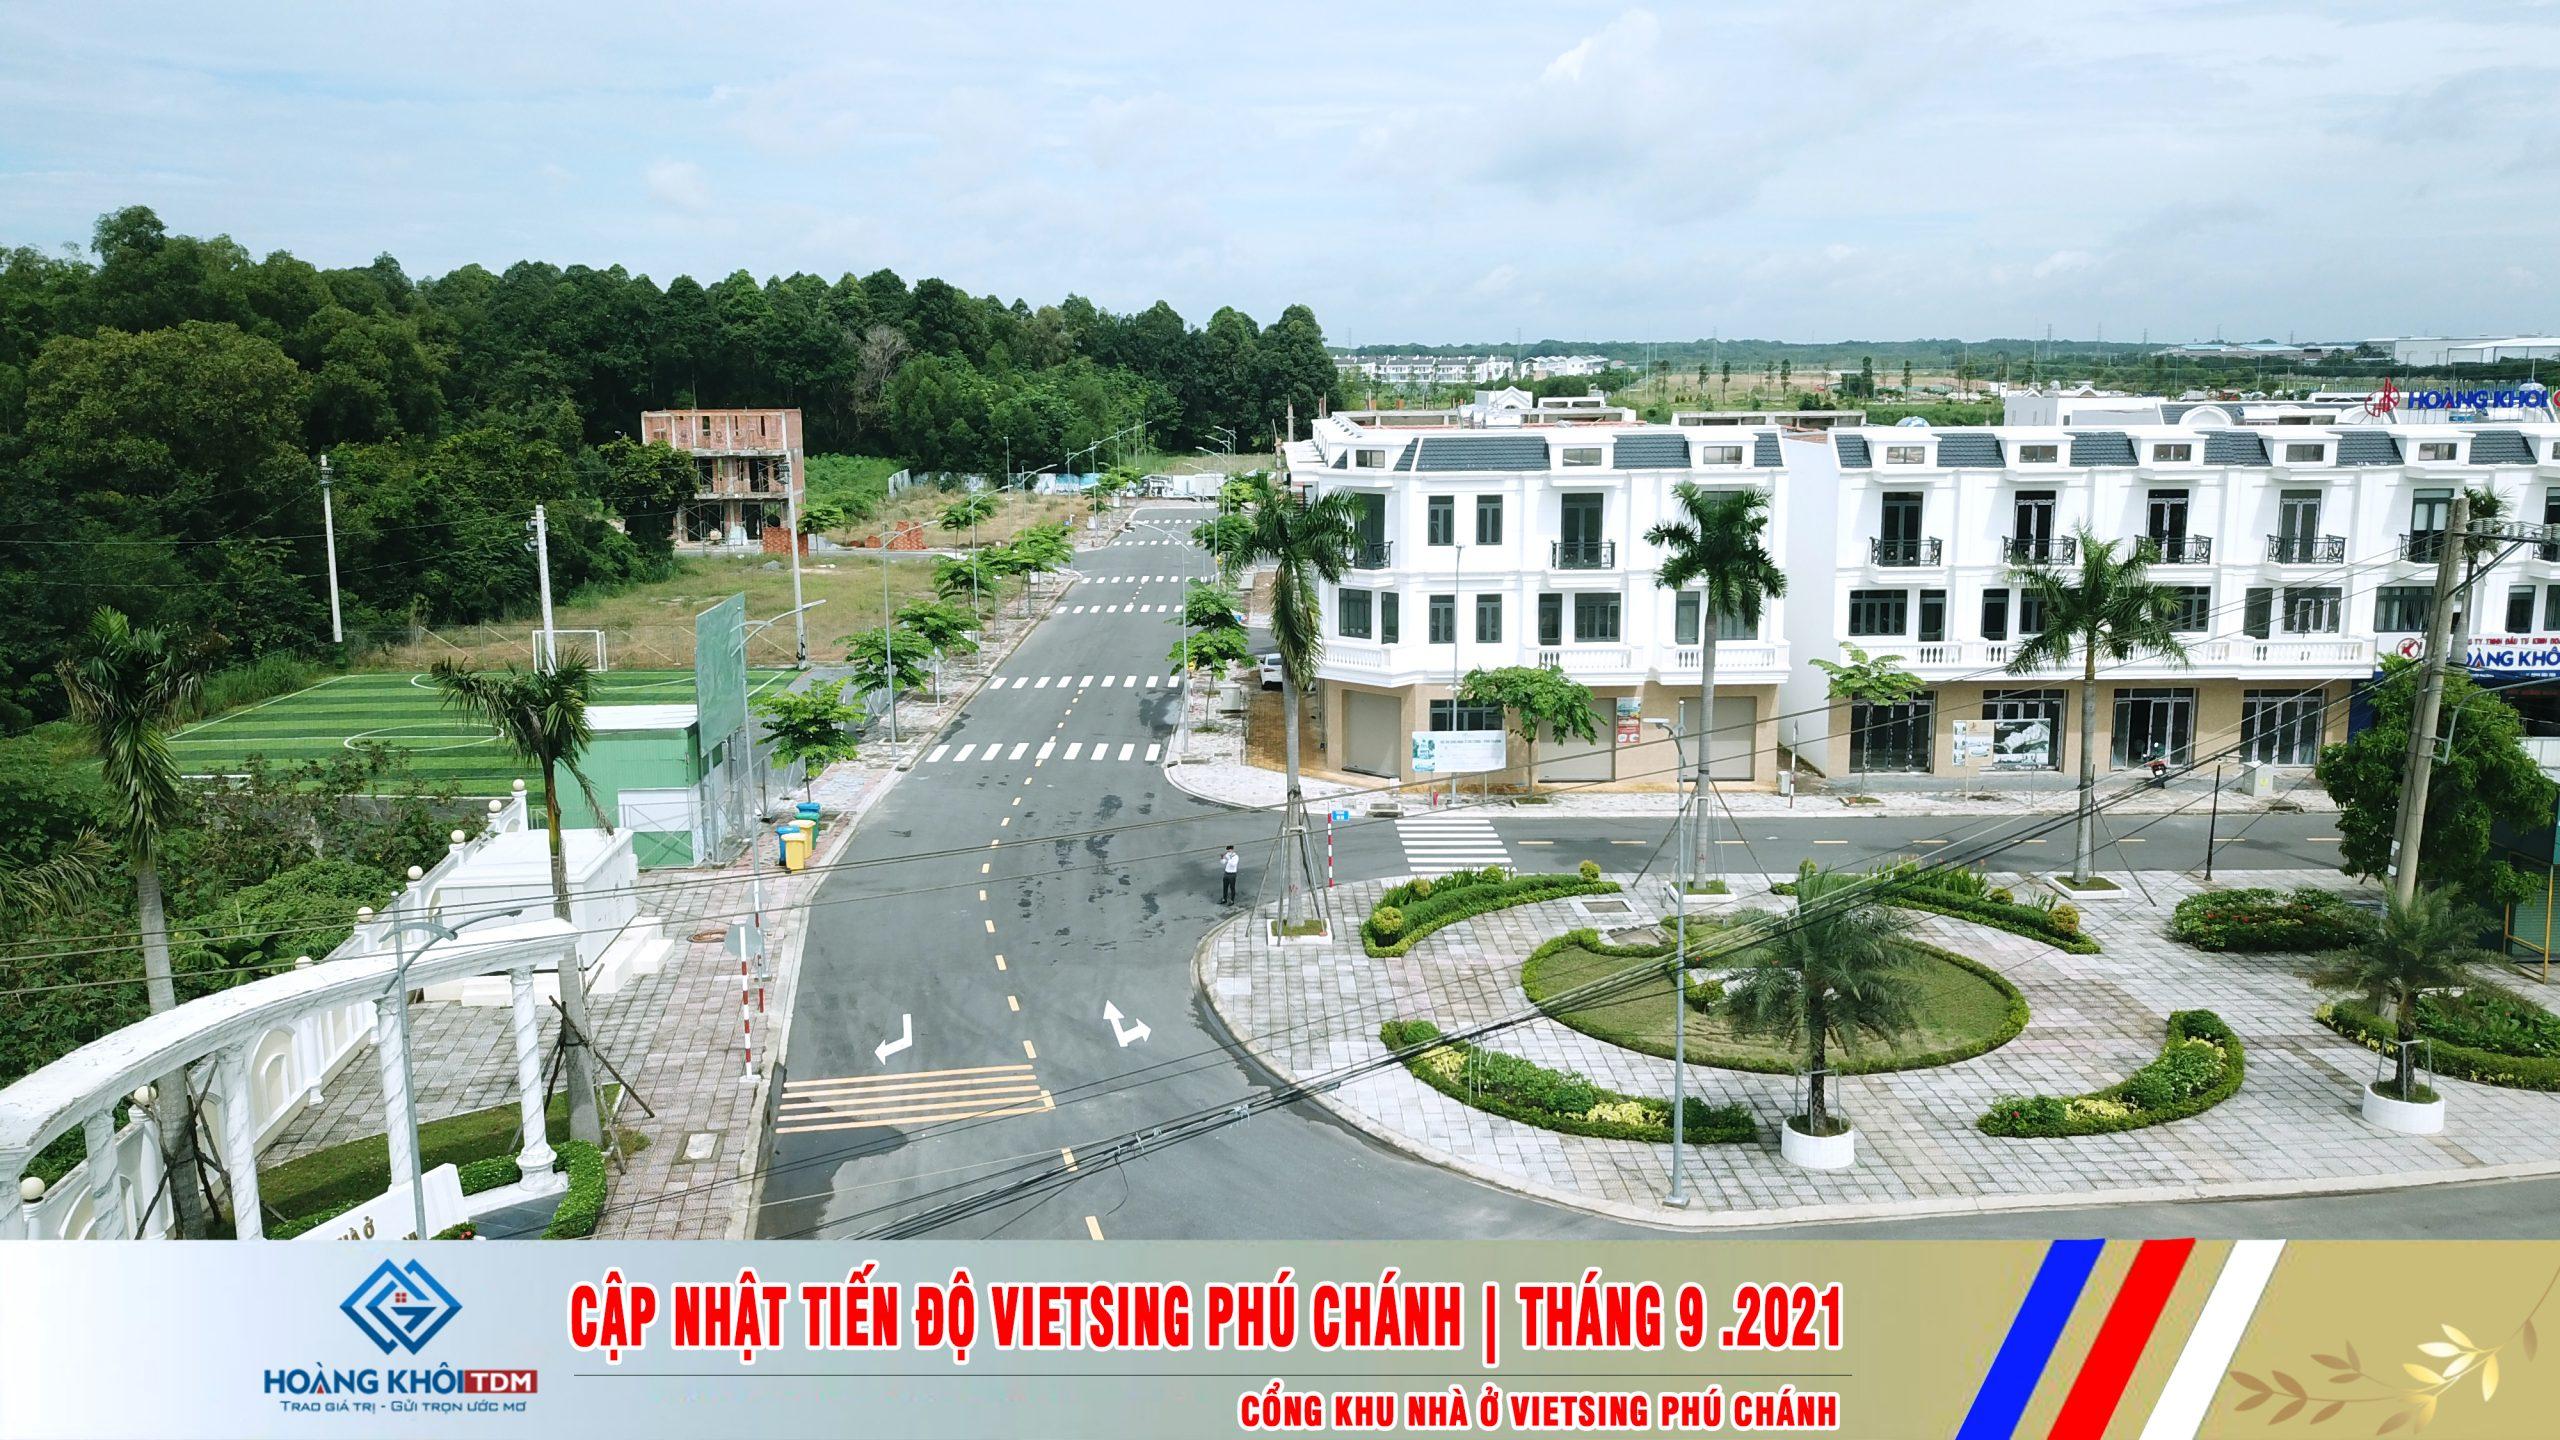 Tiến độ khu nhà ở VietSing phú chánh